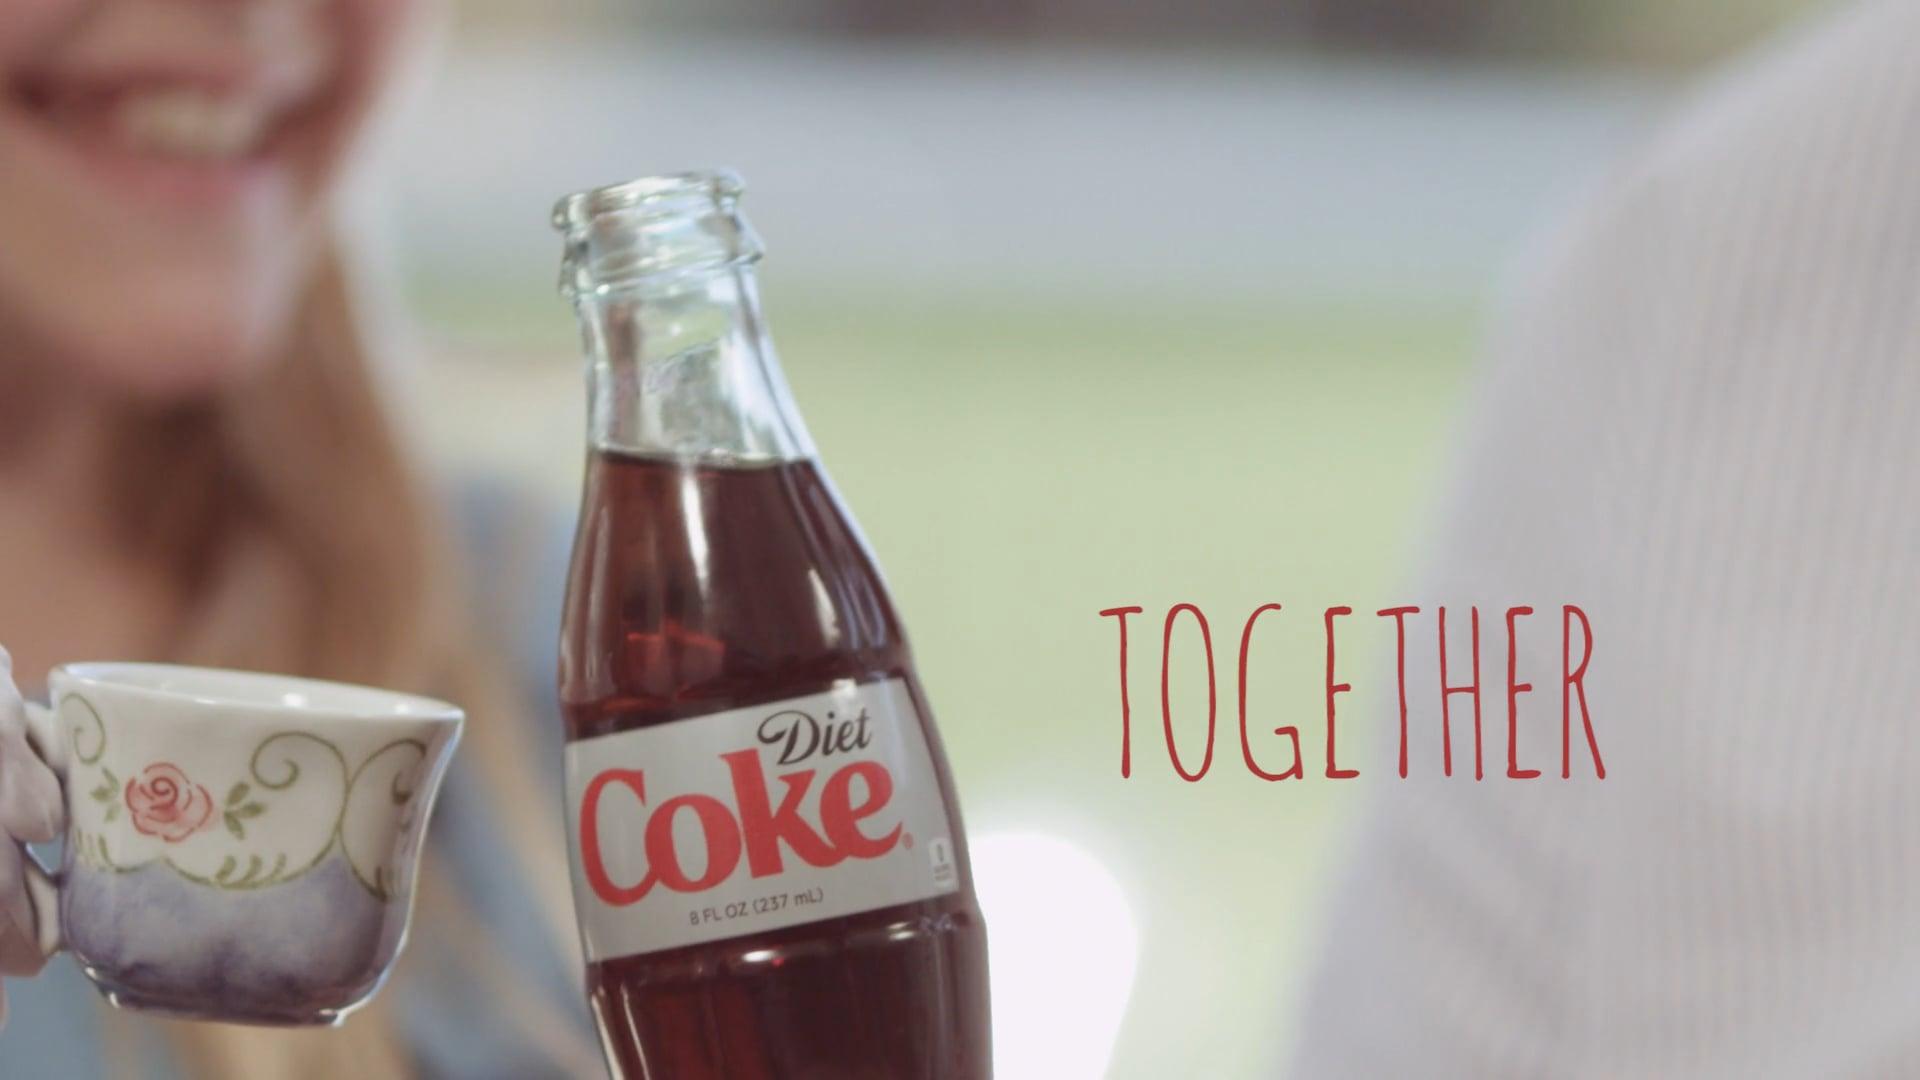 Diet Coke - Together